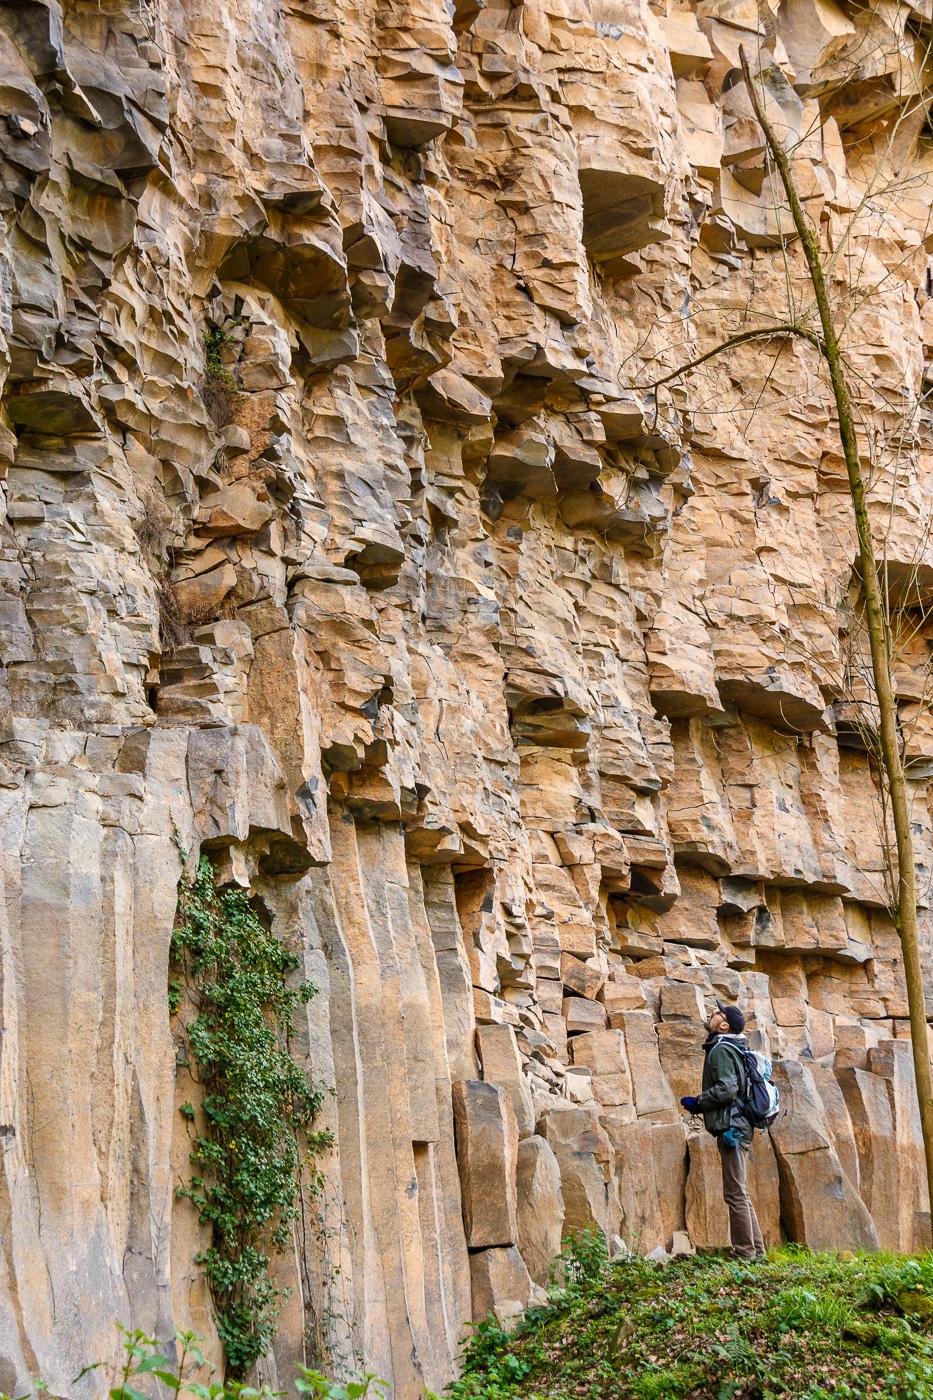 Basalt garrotxí - Fotografies de paisatges - Raül Carmona - Fotografia, Fotografia d'estudi, esdeveniments i Natura